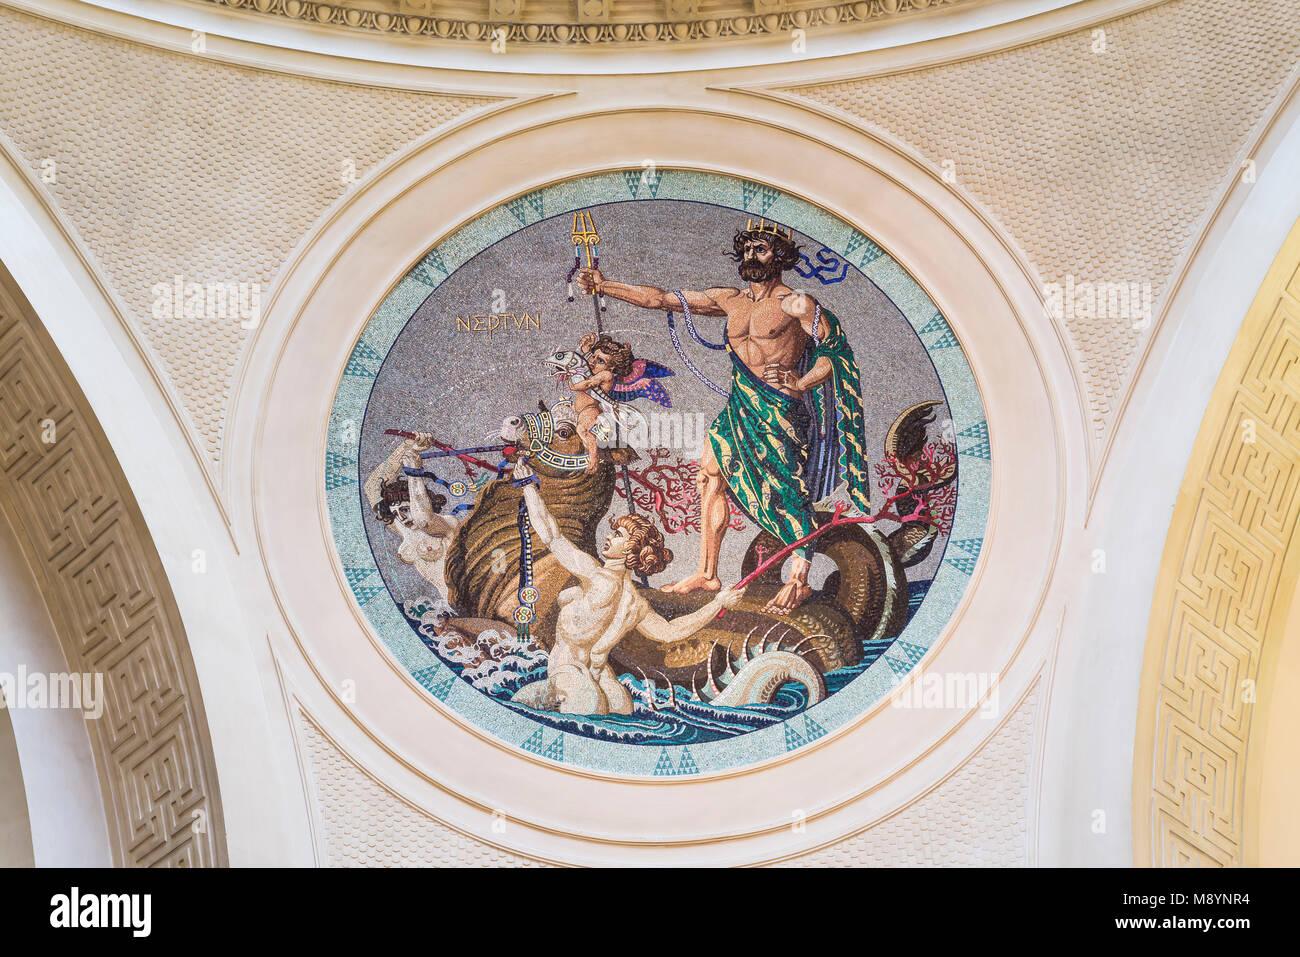 Kurhaus, Foyer, Wiesbaden, Hessen, Deutschland - Stock Image